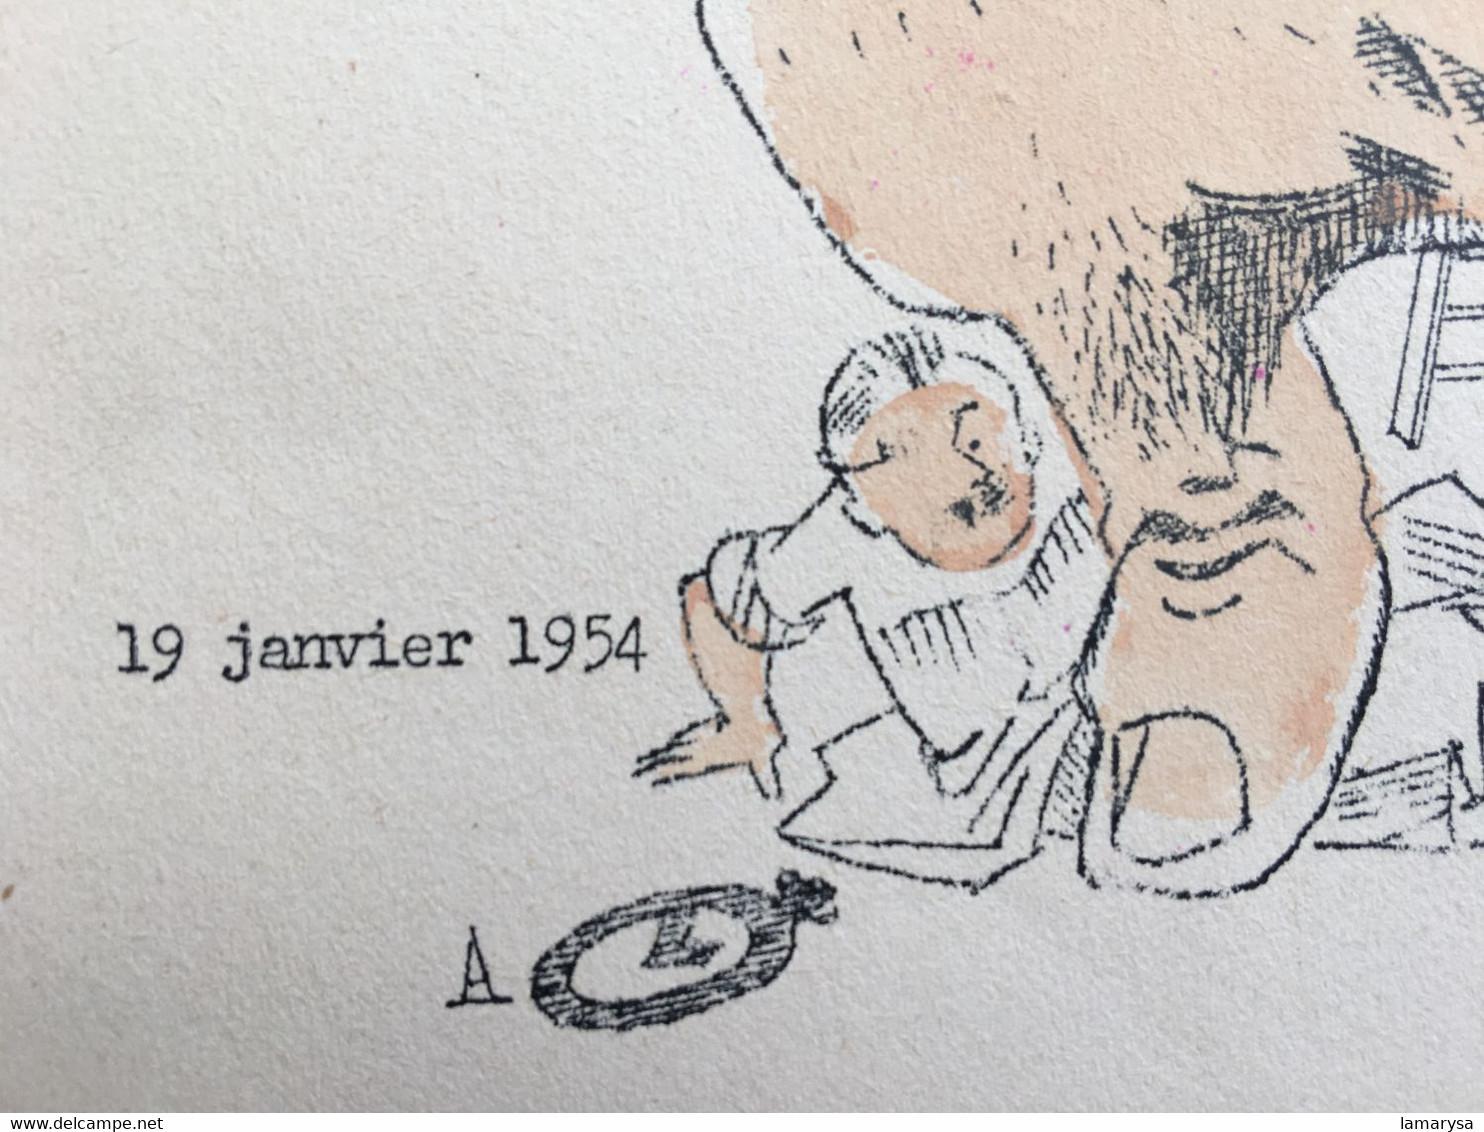 PROPAGANDE POLITIQUE SUISSE 19 Janv. 1954 -☛Publicité Satirique Anti....Patriotique Discours RUBATEL Foire De Bâle - Organizaciones